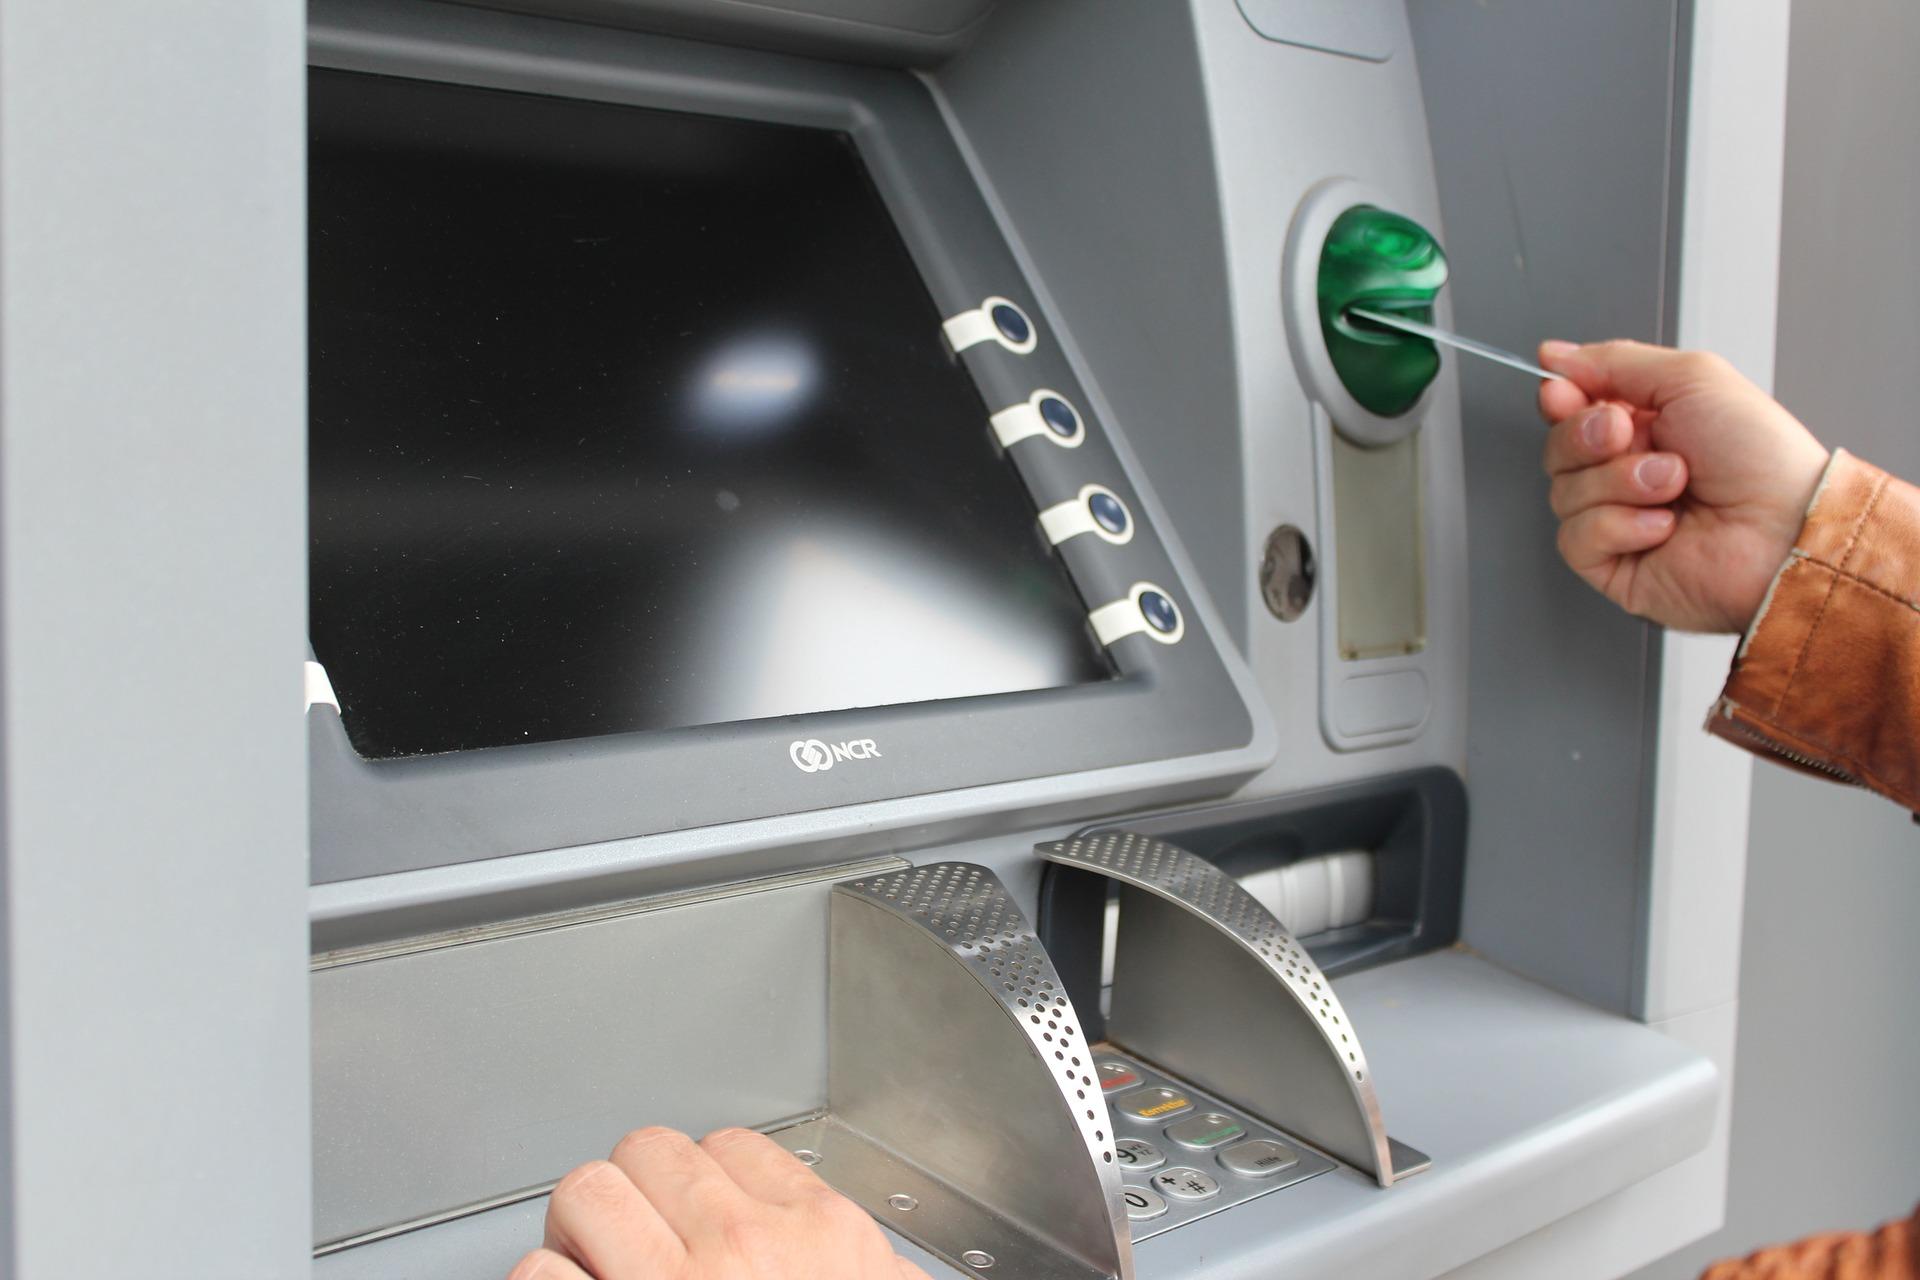 いまさら聞けない…銀行振り込みのやり方は? 銀行・郵便局・窓口・ATM・ネットバンク各パターンでご紹介